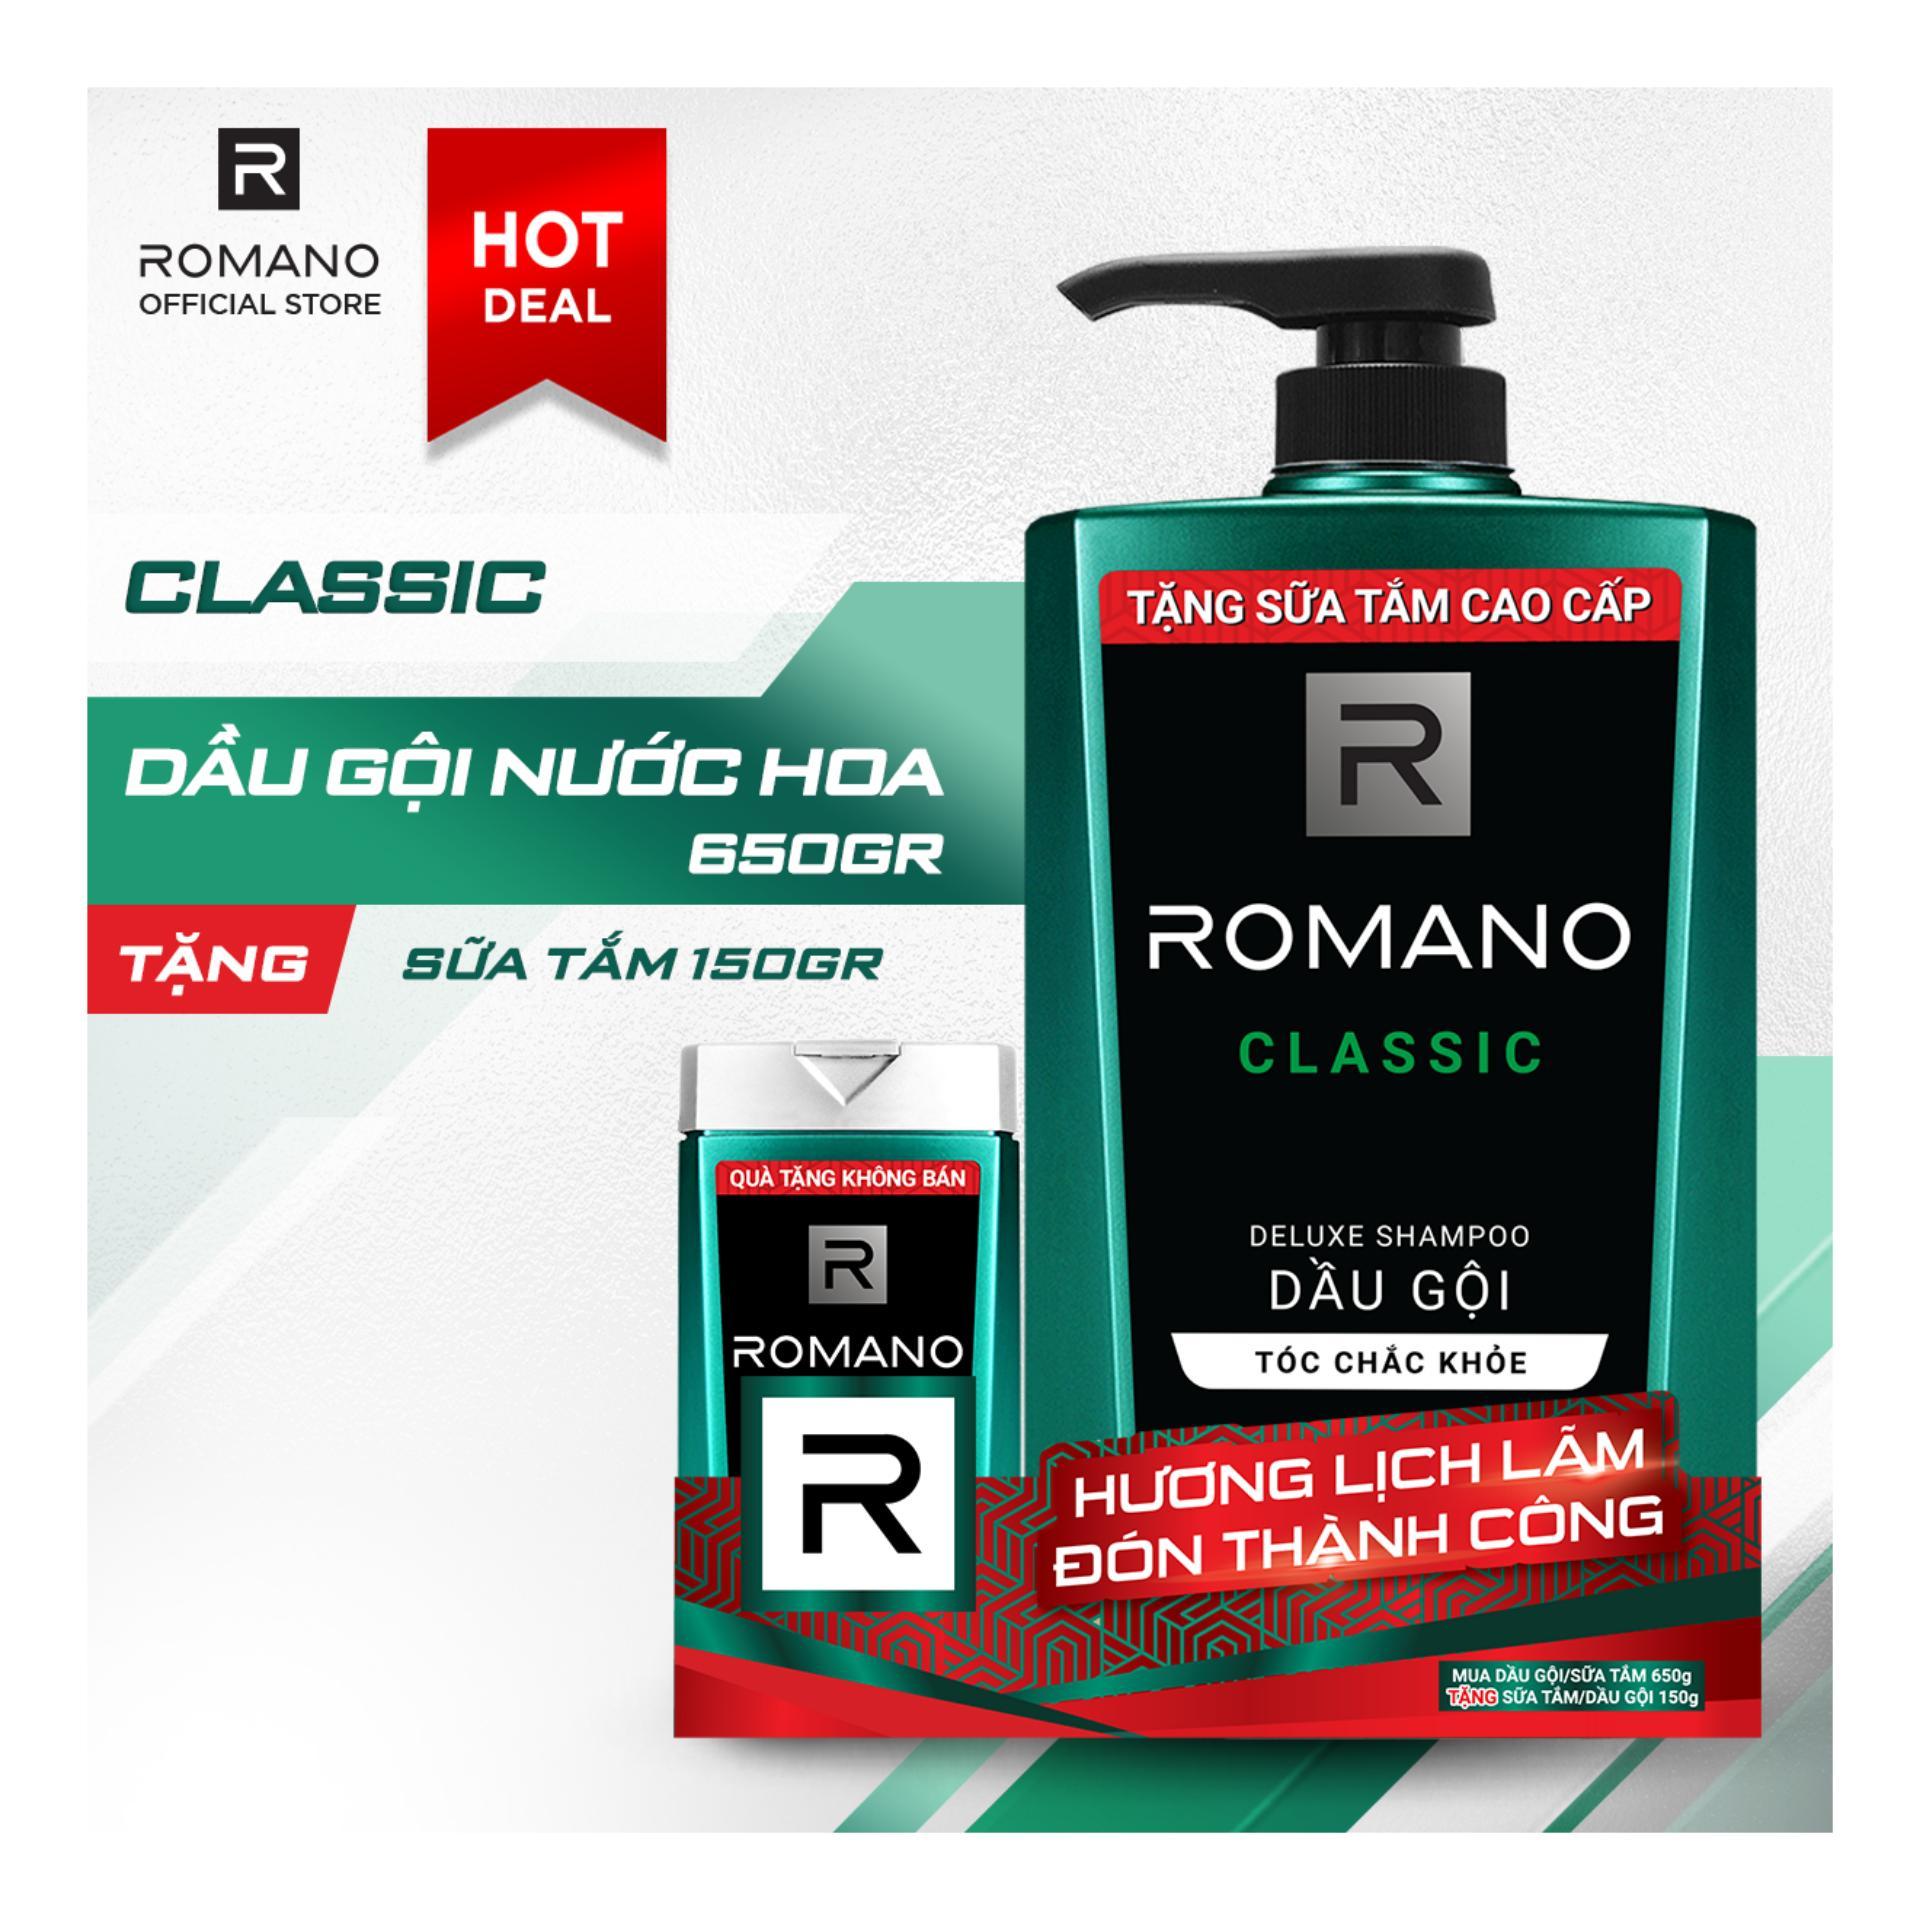 Dầu gội Romano Classic cổ điển lịch lãm tóc chắc khỏe 650gr- Tặng sữa tắm Romano Classic150g